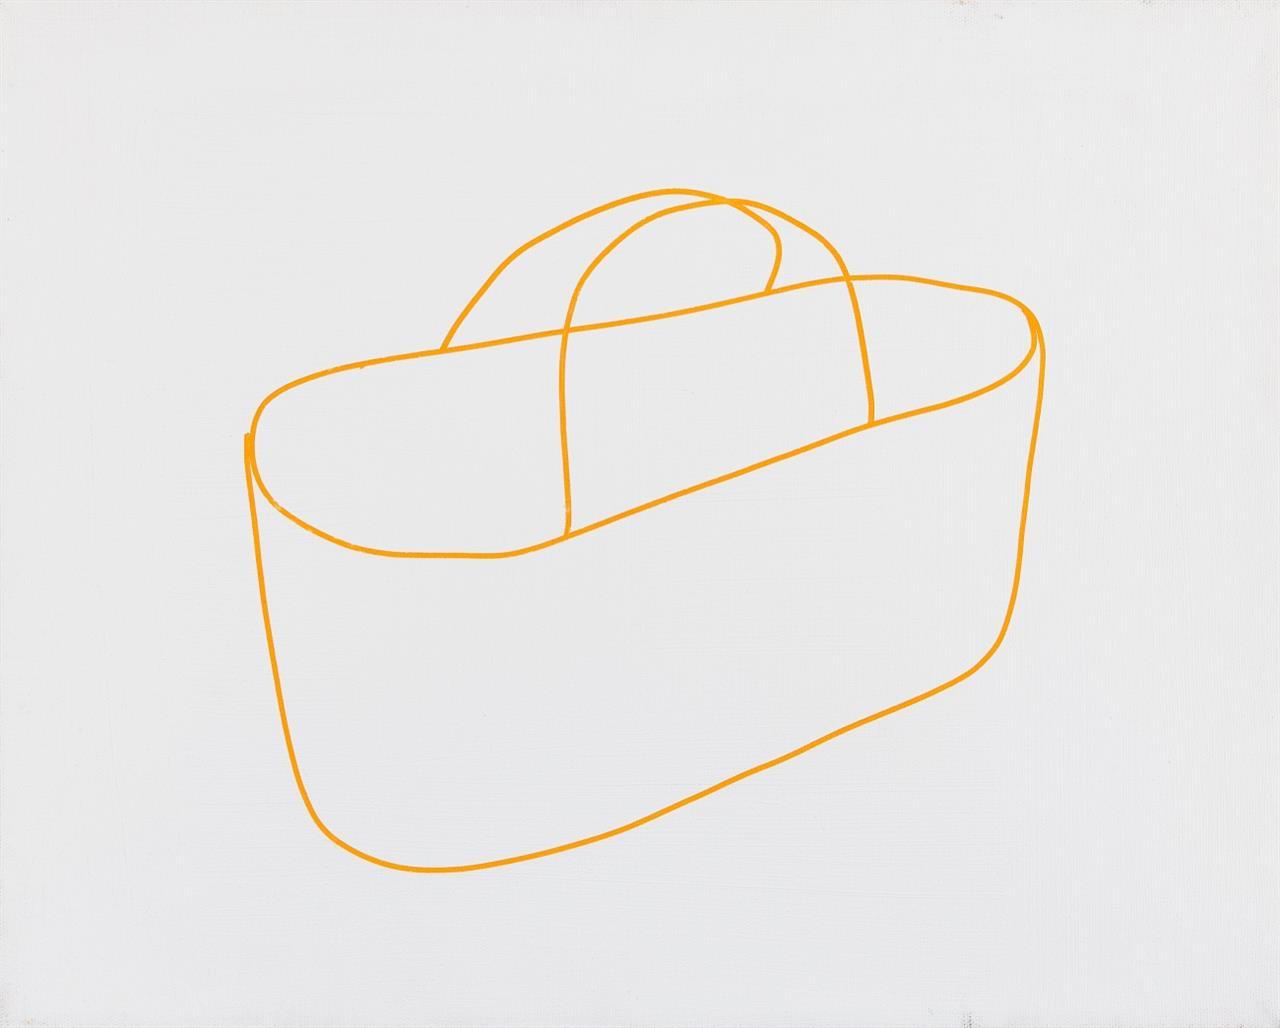 Ulrich Meister. Einkaufstasche. 10.09.09. Acryl auf Leinwand. Verso signiert und bezeichnet. + Beilage: Kat.